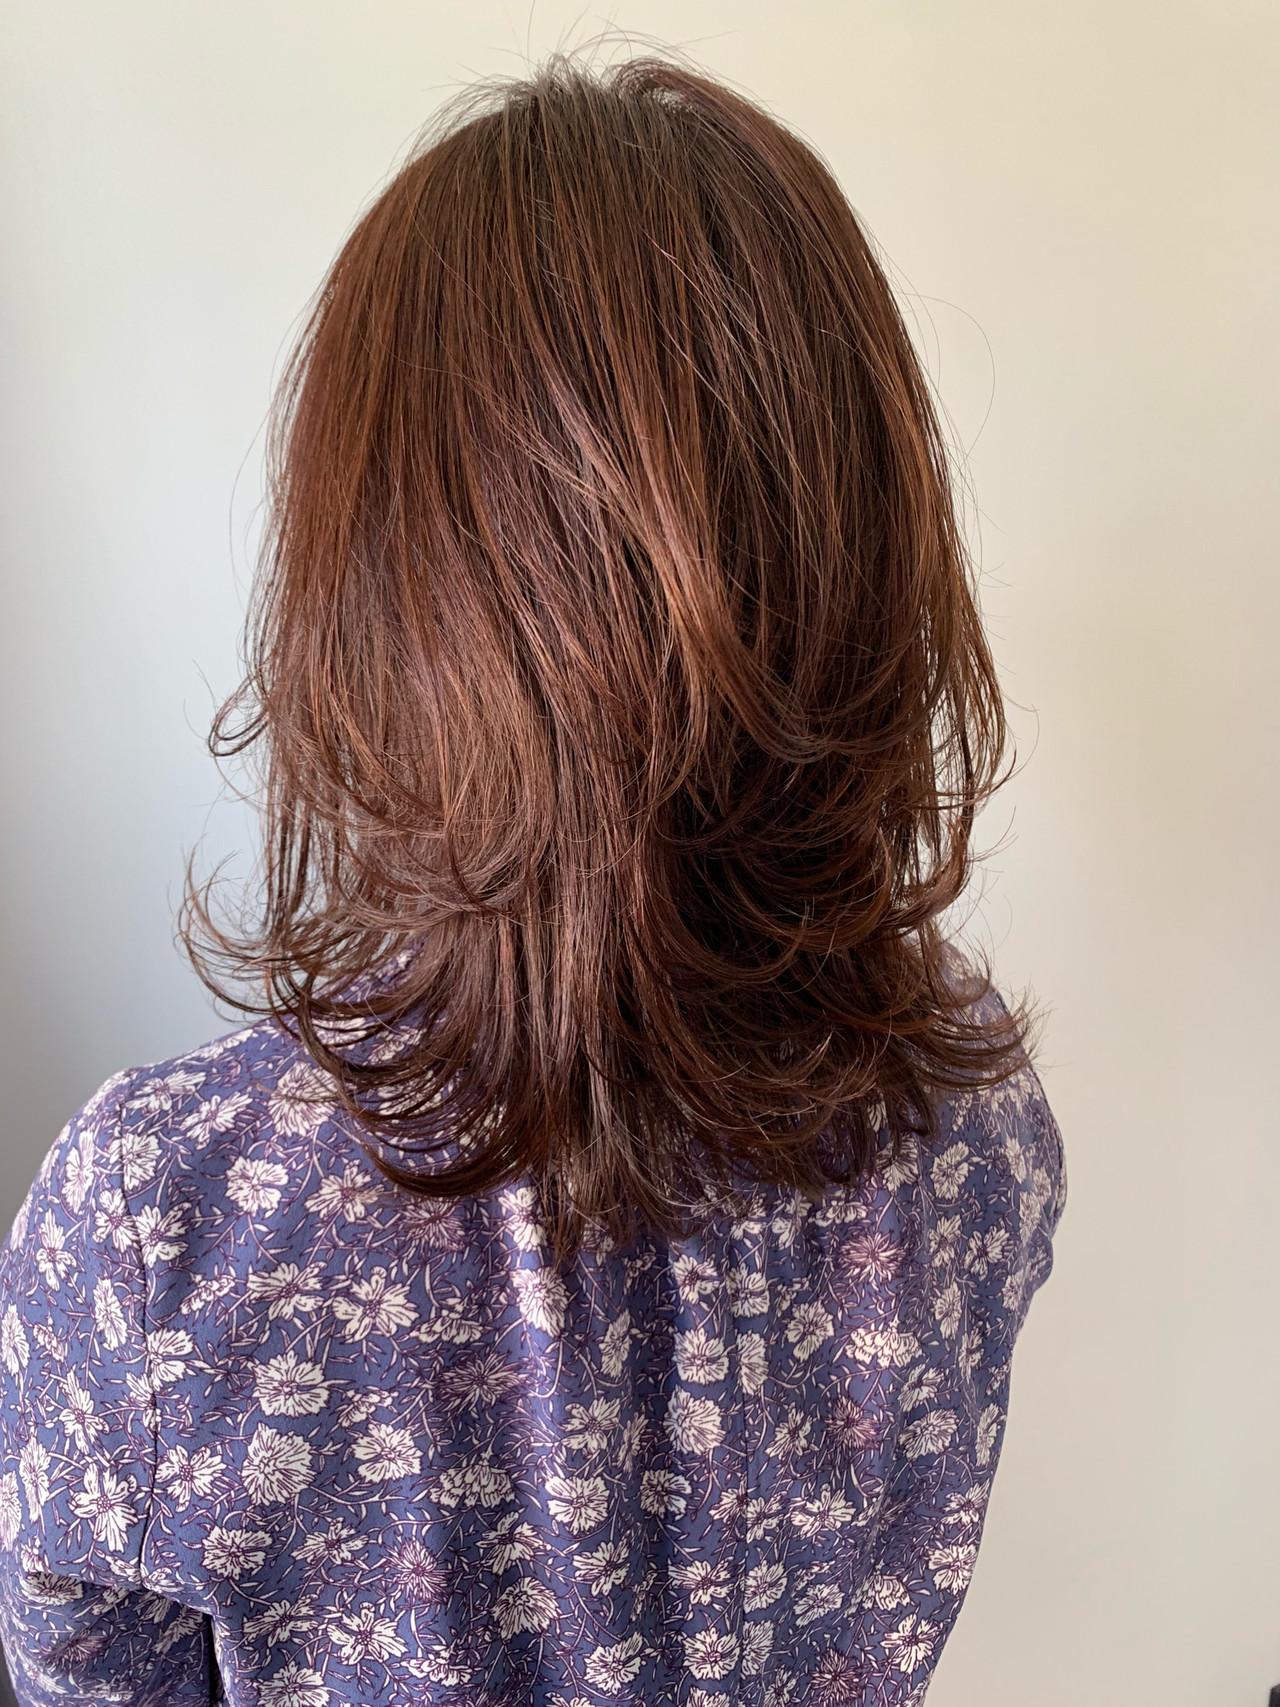 セミロング ニュアンスヘア エレガント 大人カジュアル ヘアスタイルや髪型の写真・画像